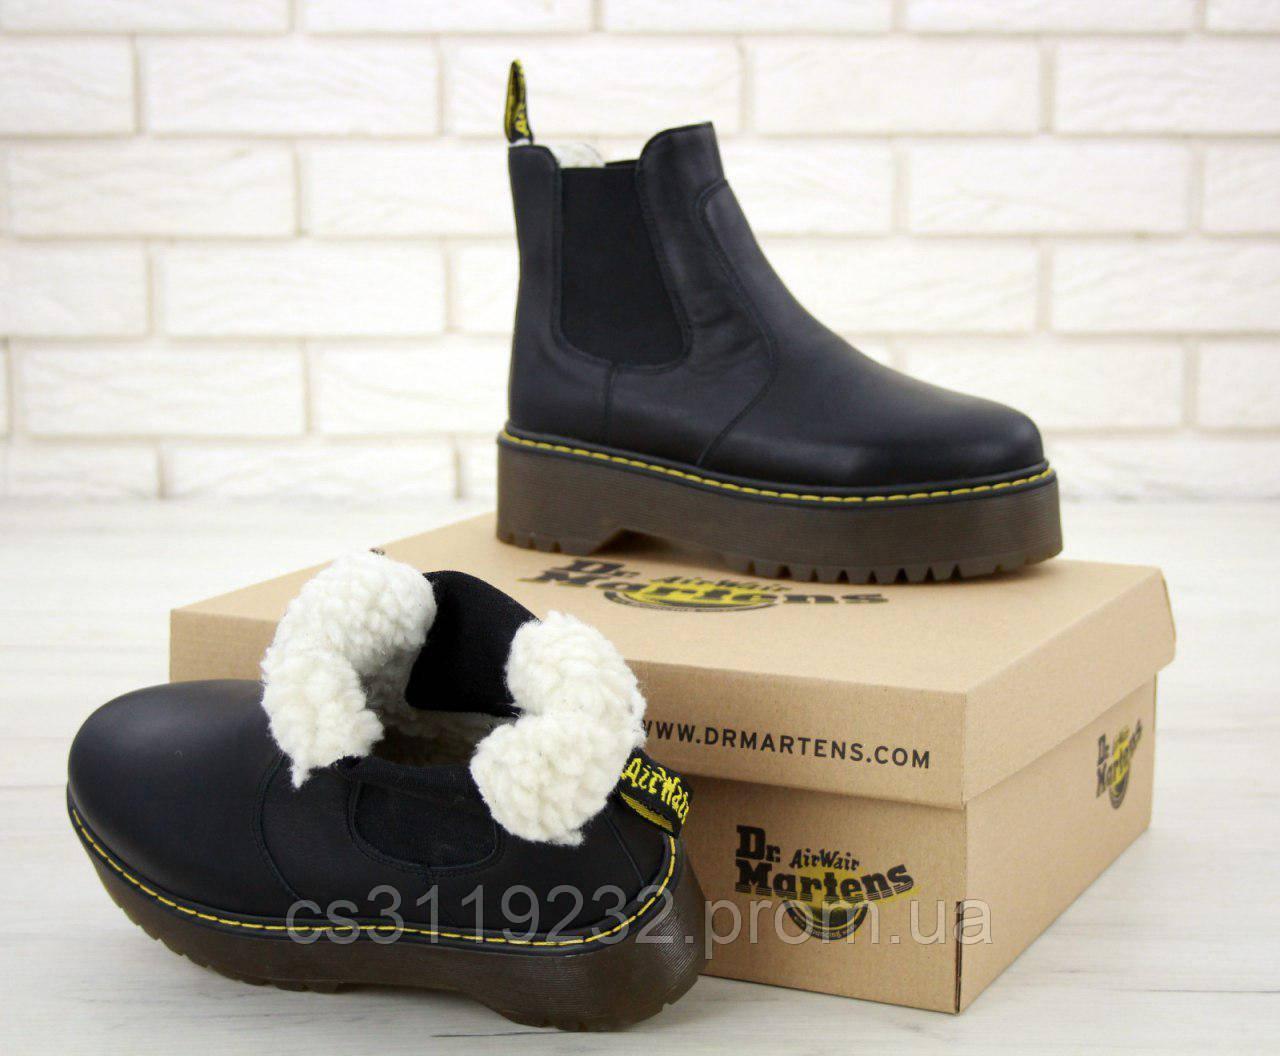 Жіночі черевики зимові Dr.Martens Chelsea (хутро) (чорний)